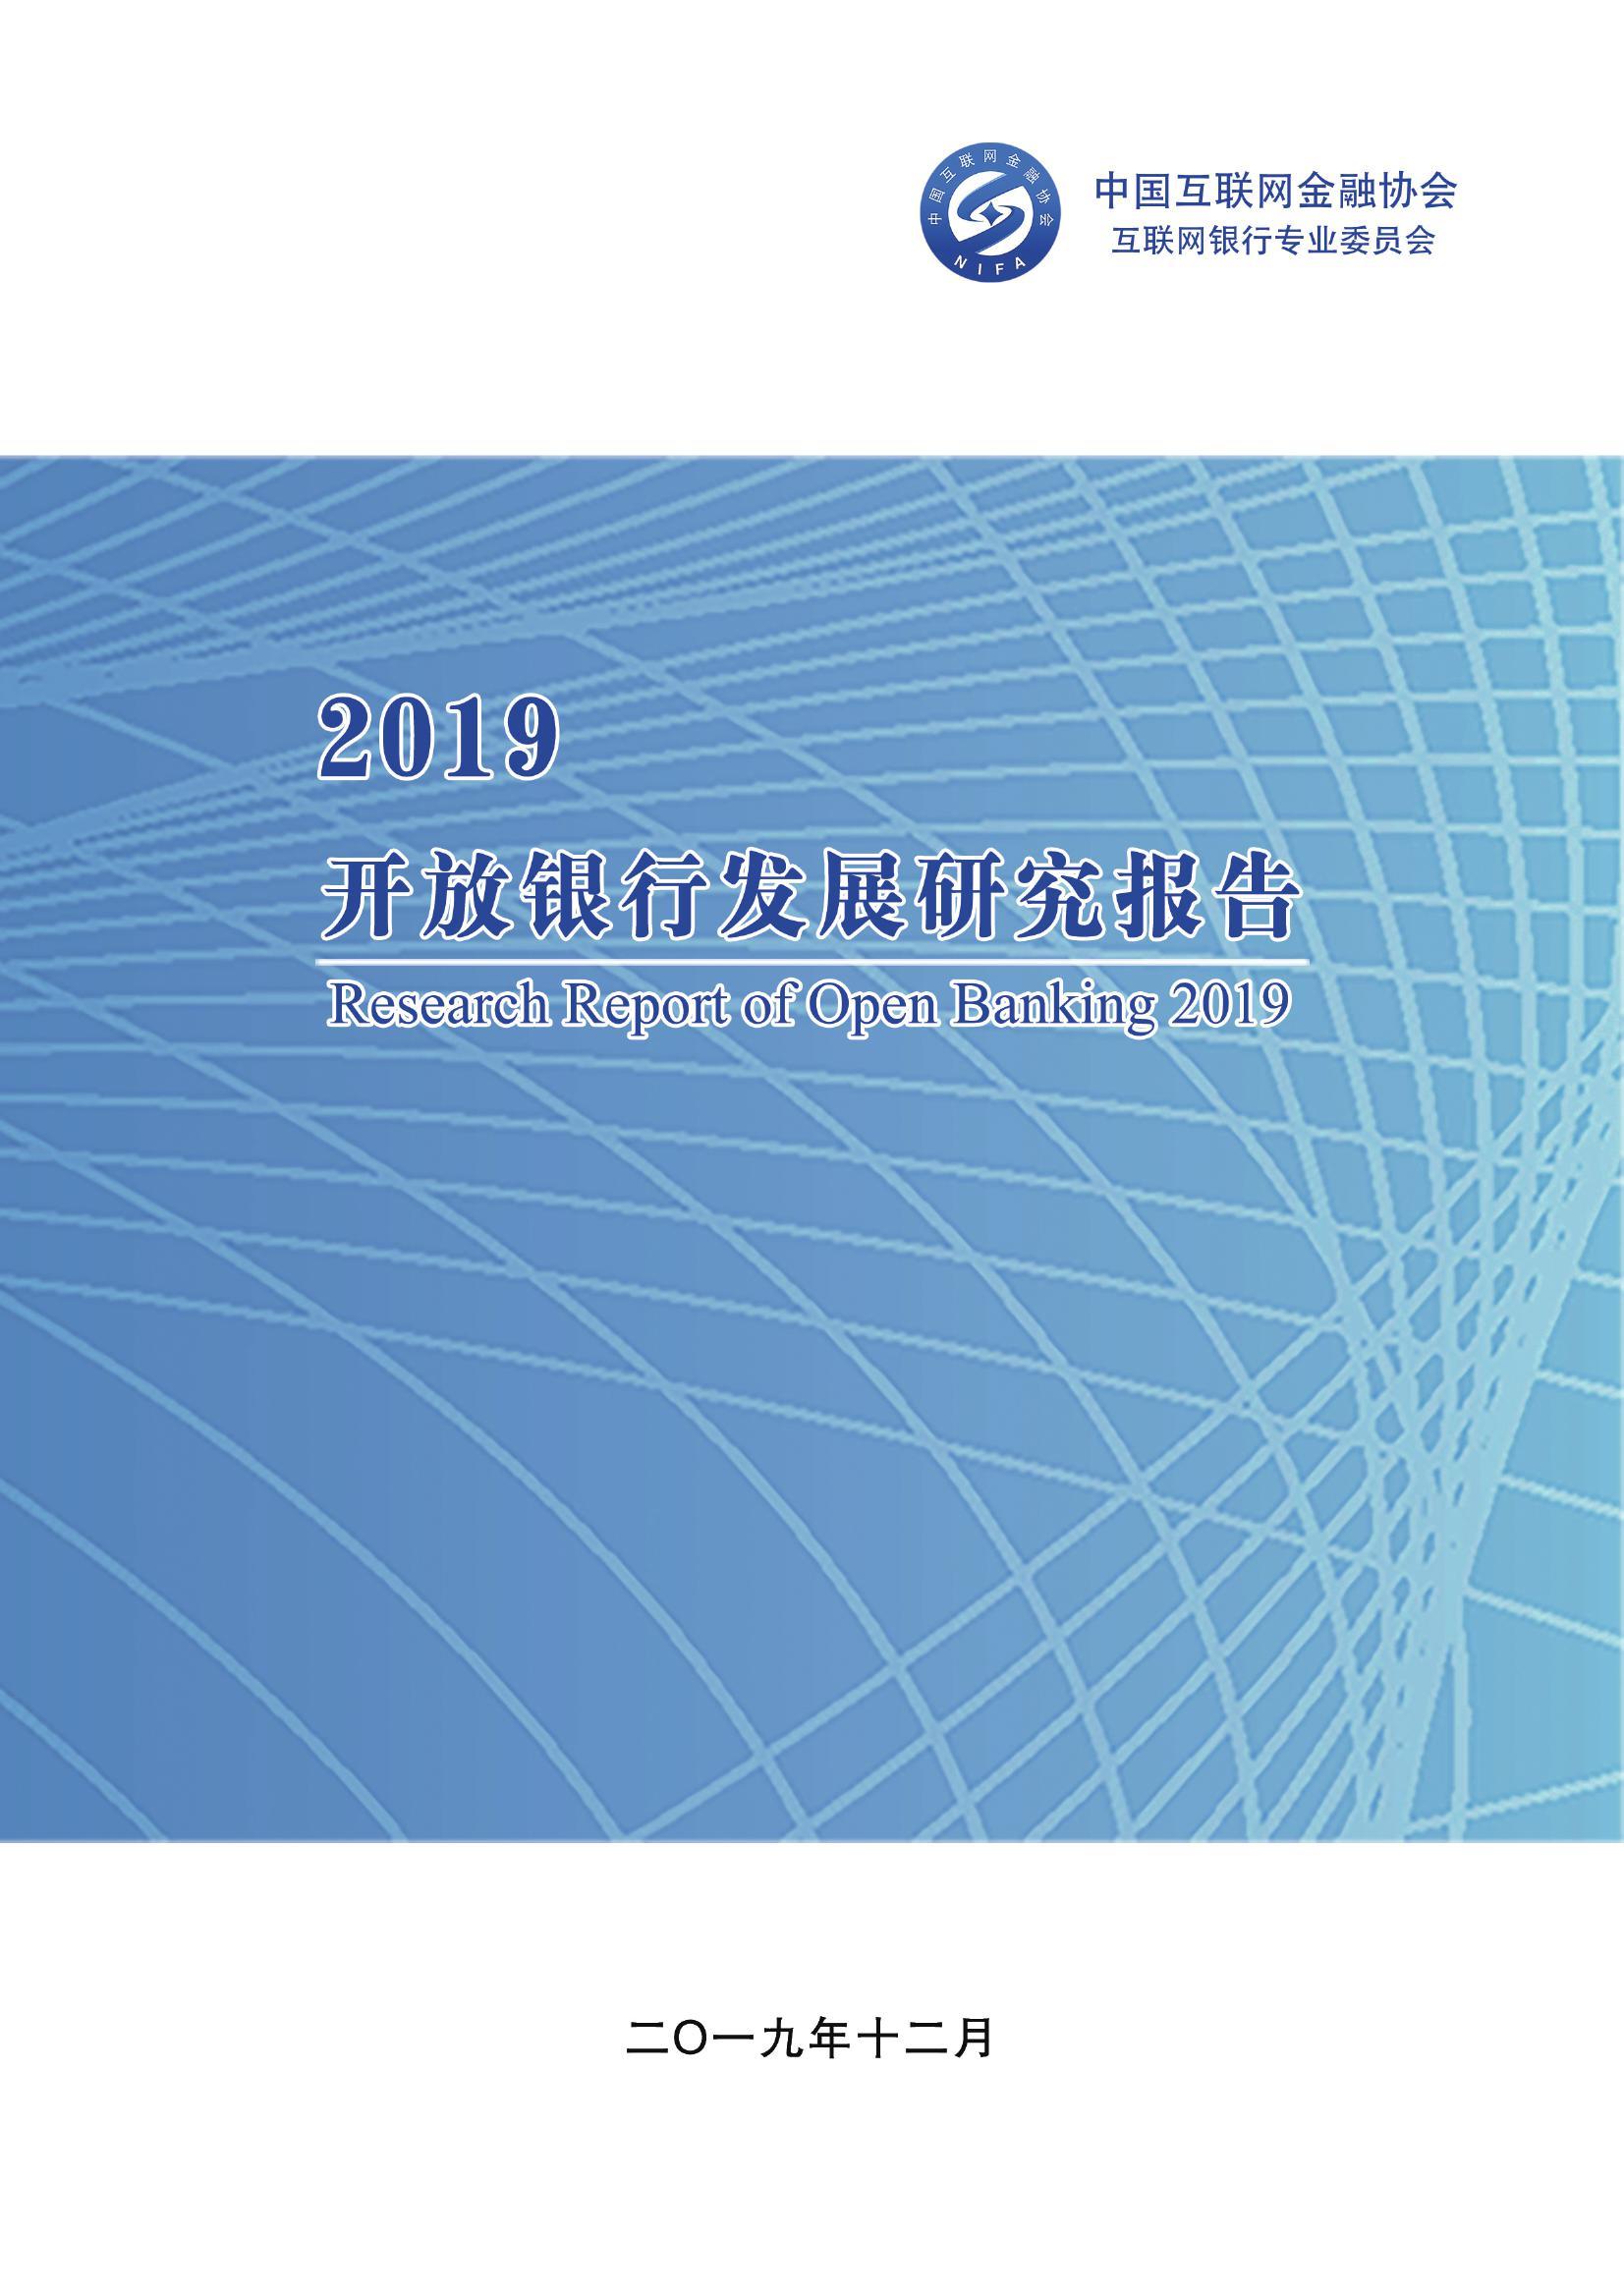 中国互联网金融协会:2019开放银行发展研究报告(附下载)